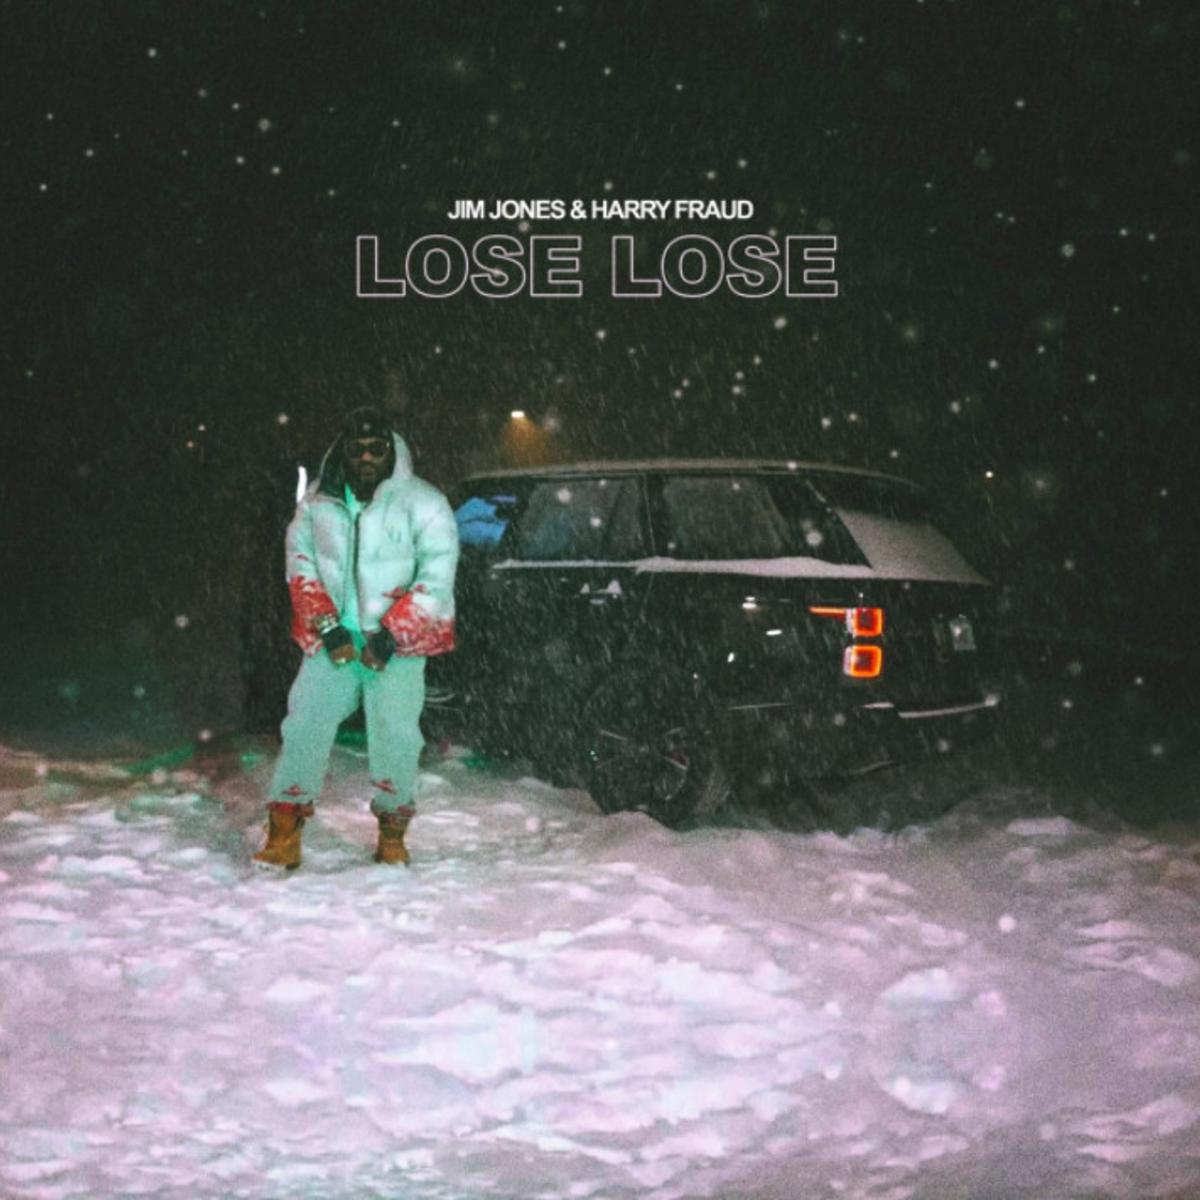 MP3: Jim Jones & Harry Fraud - Lose Lose